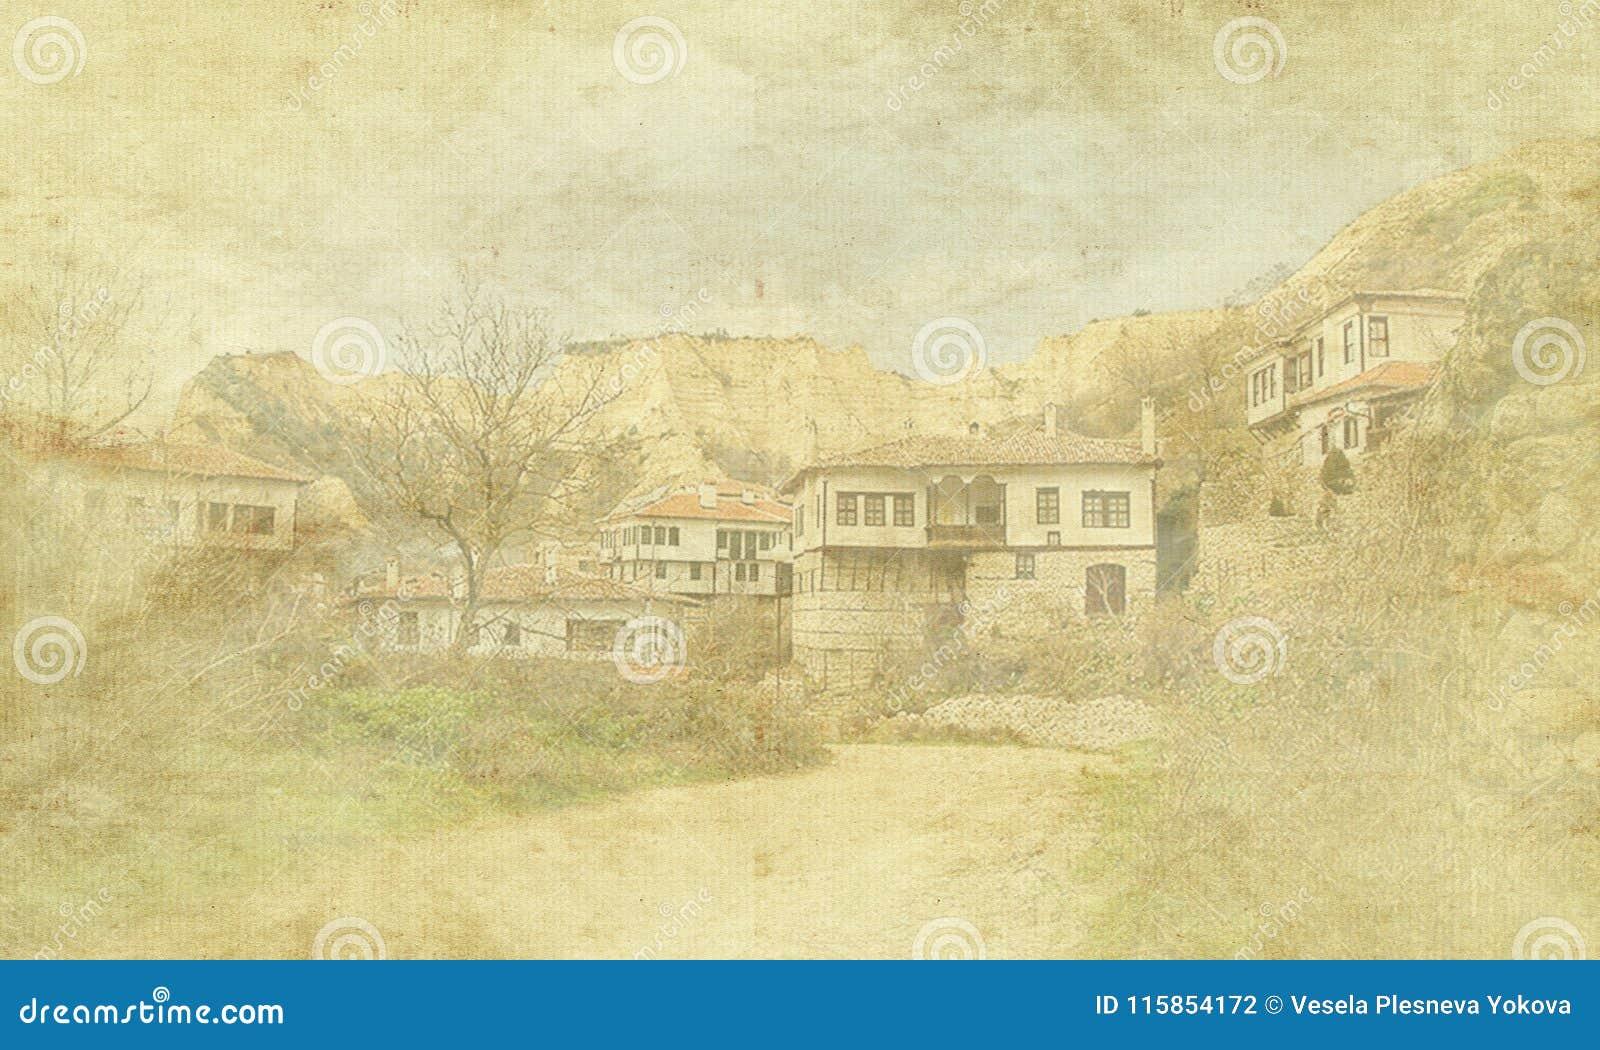 Εκλεκτής ποιότητας κάρτα διακοπών στο παλαιό υπόβαθρο εγγράφου Άποψη οδών της παραδοσιακής αρχιτεκτονικής του Μελένικου, Βουλγαρί